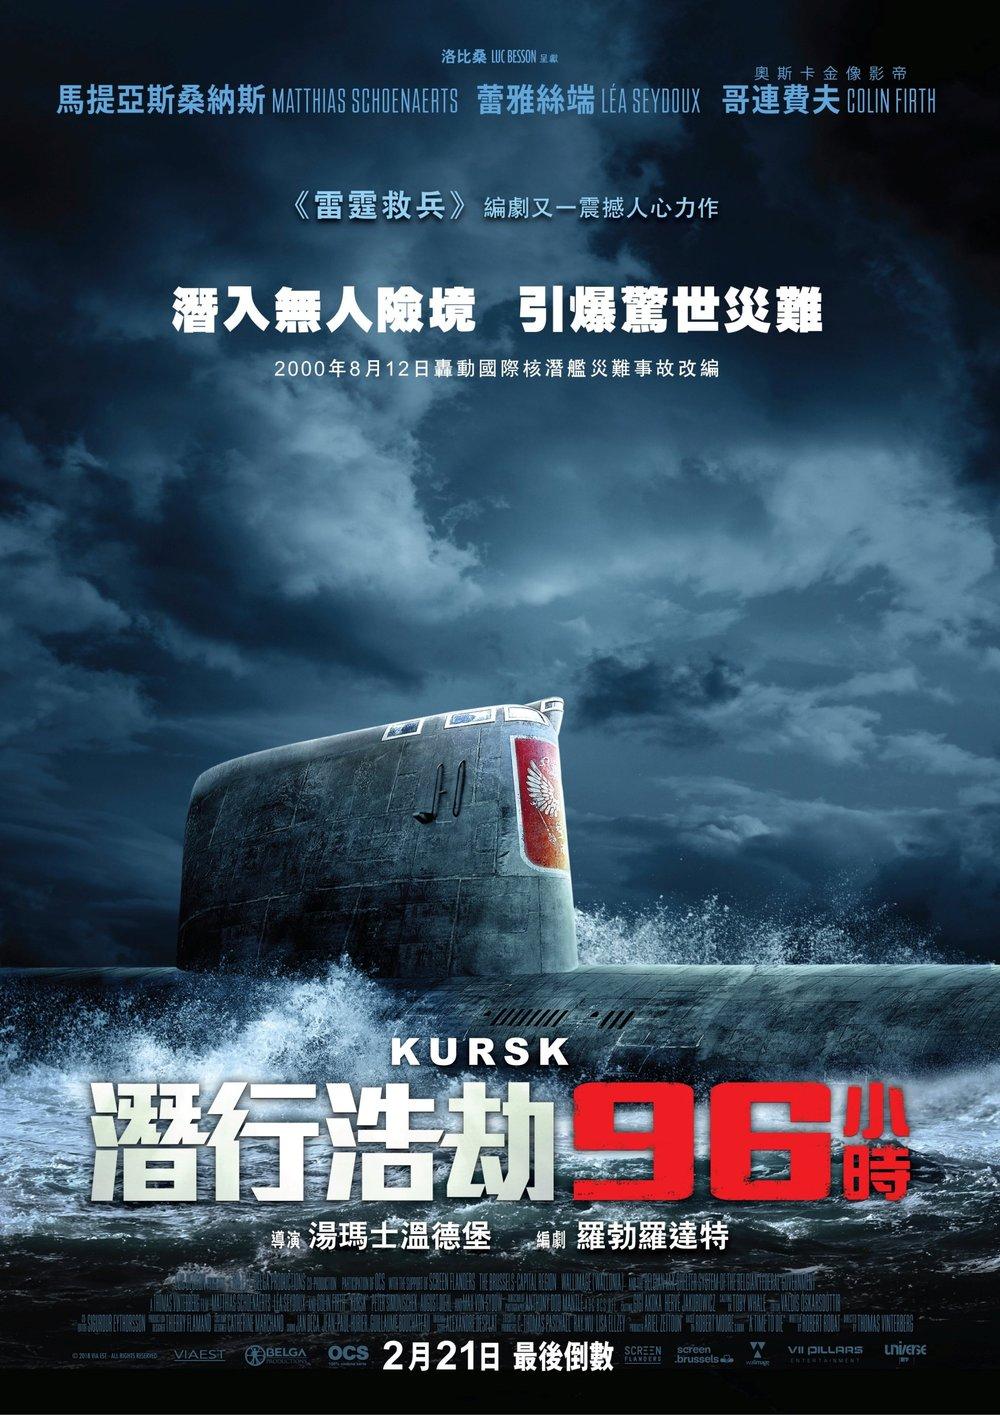 20181224_Kursk_Poster.jpg